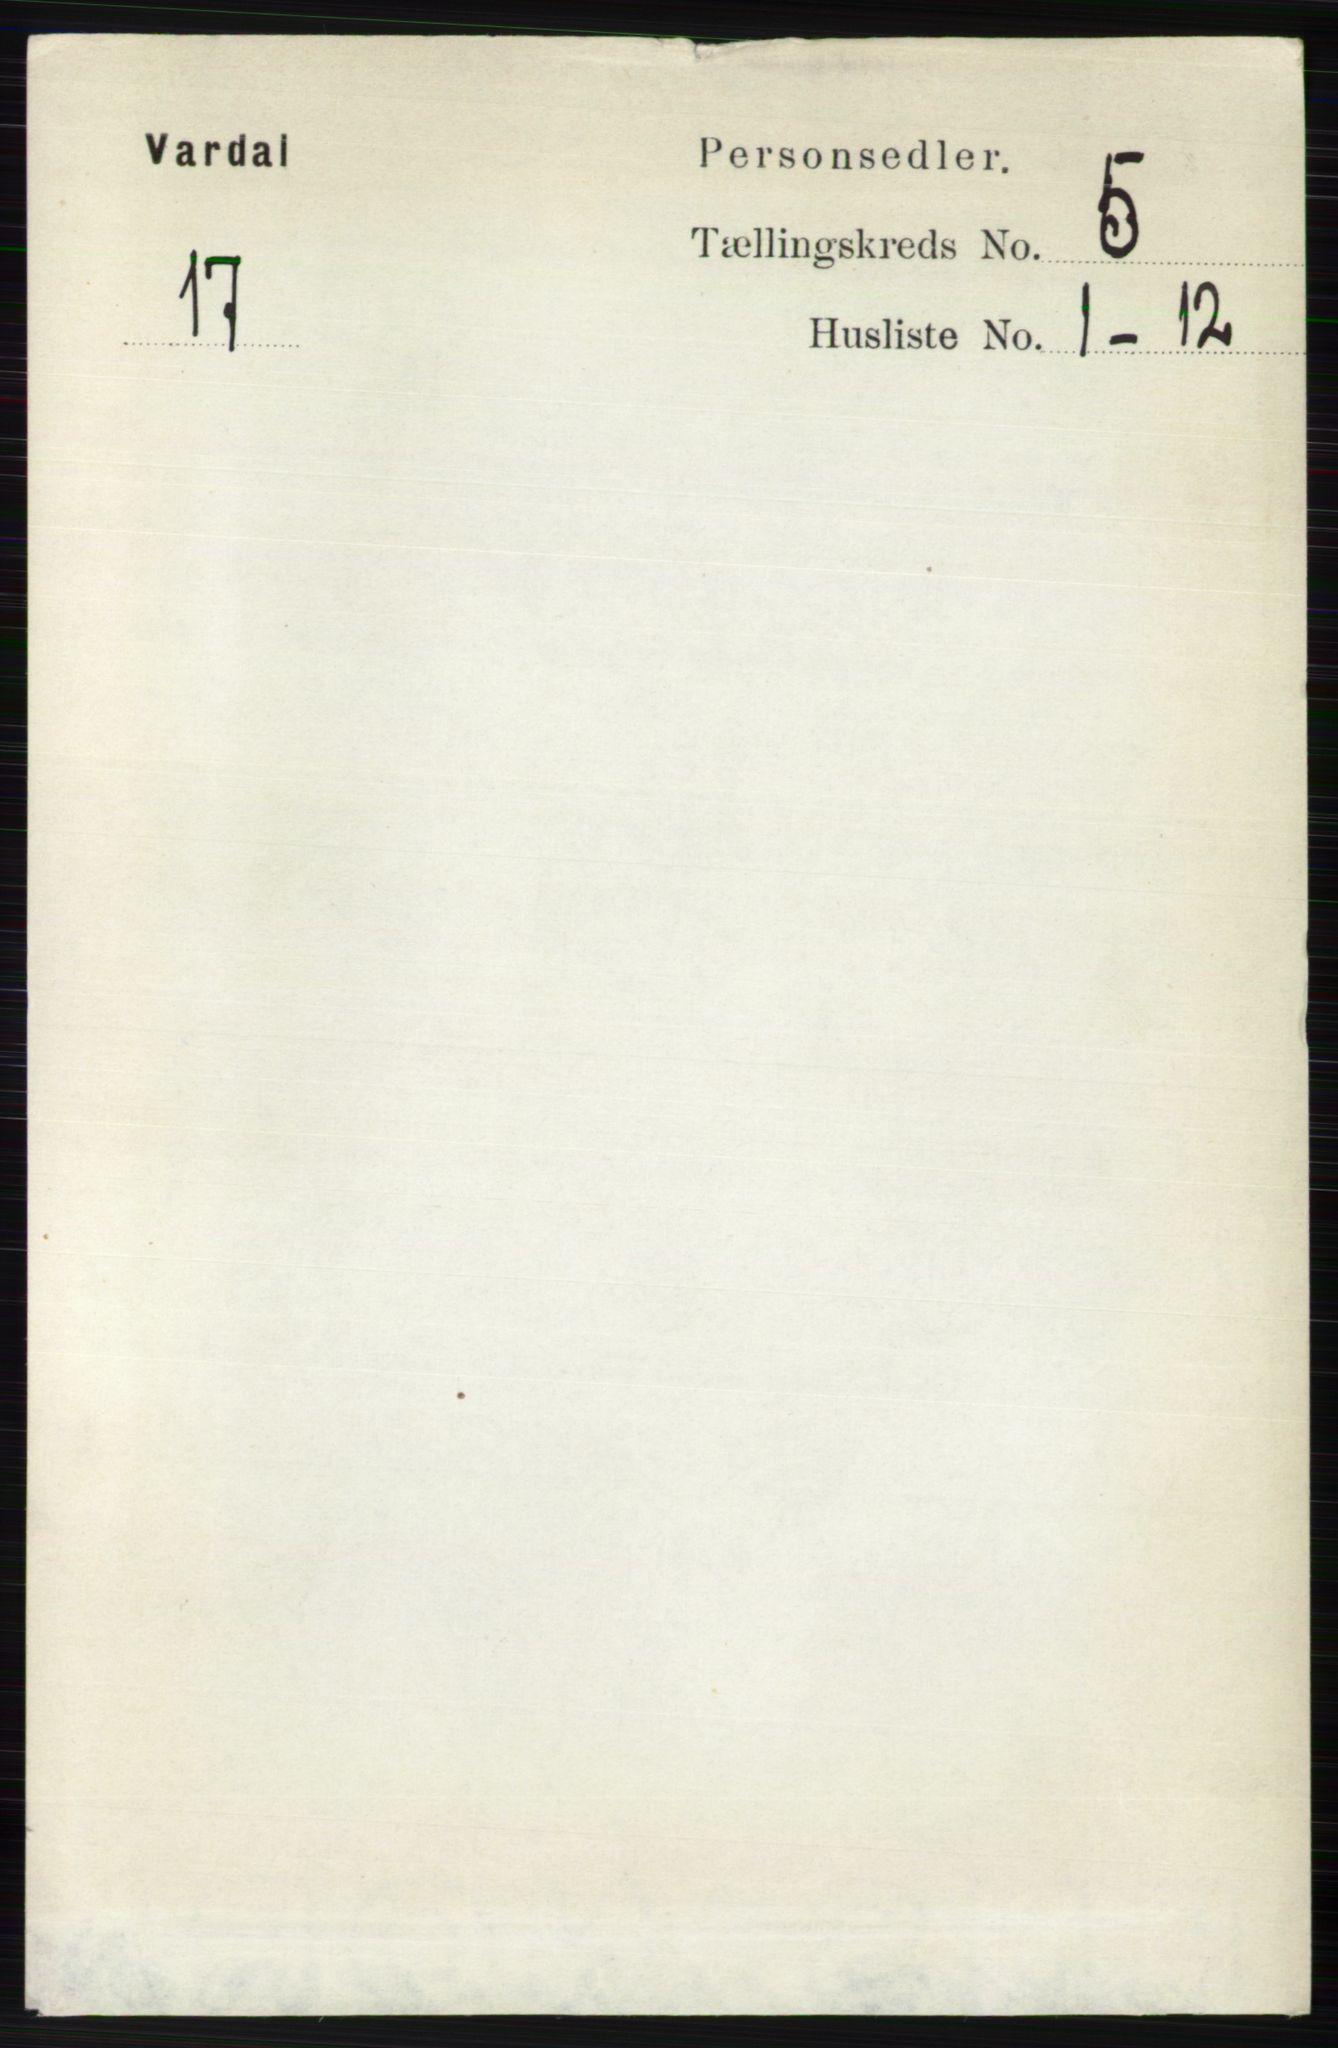 RA, Folketelling 1891 for 0527 Vardal herred, 1891, s. 2158